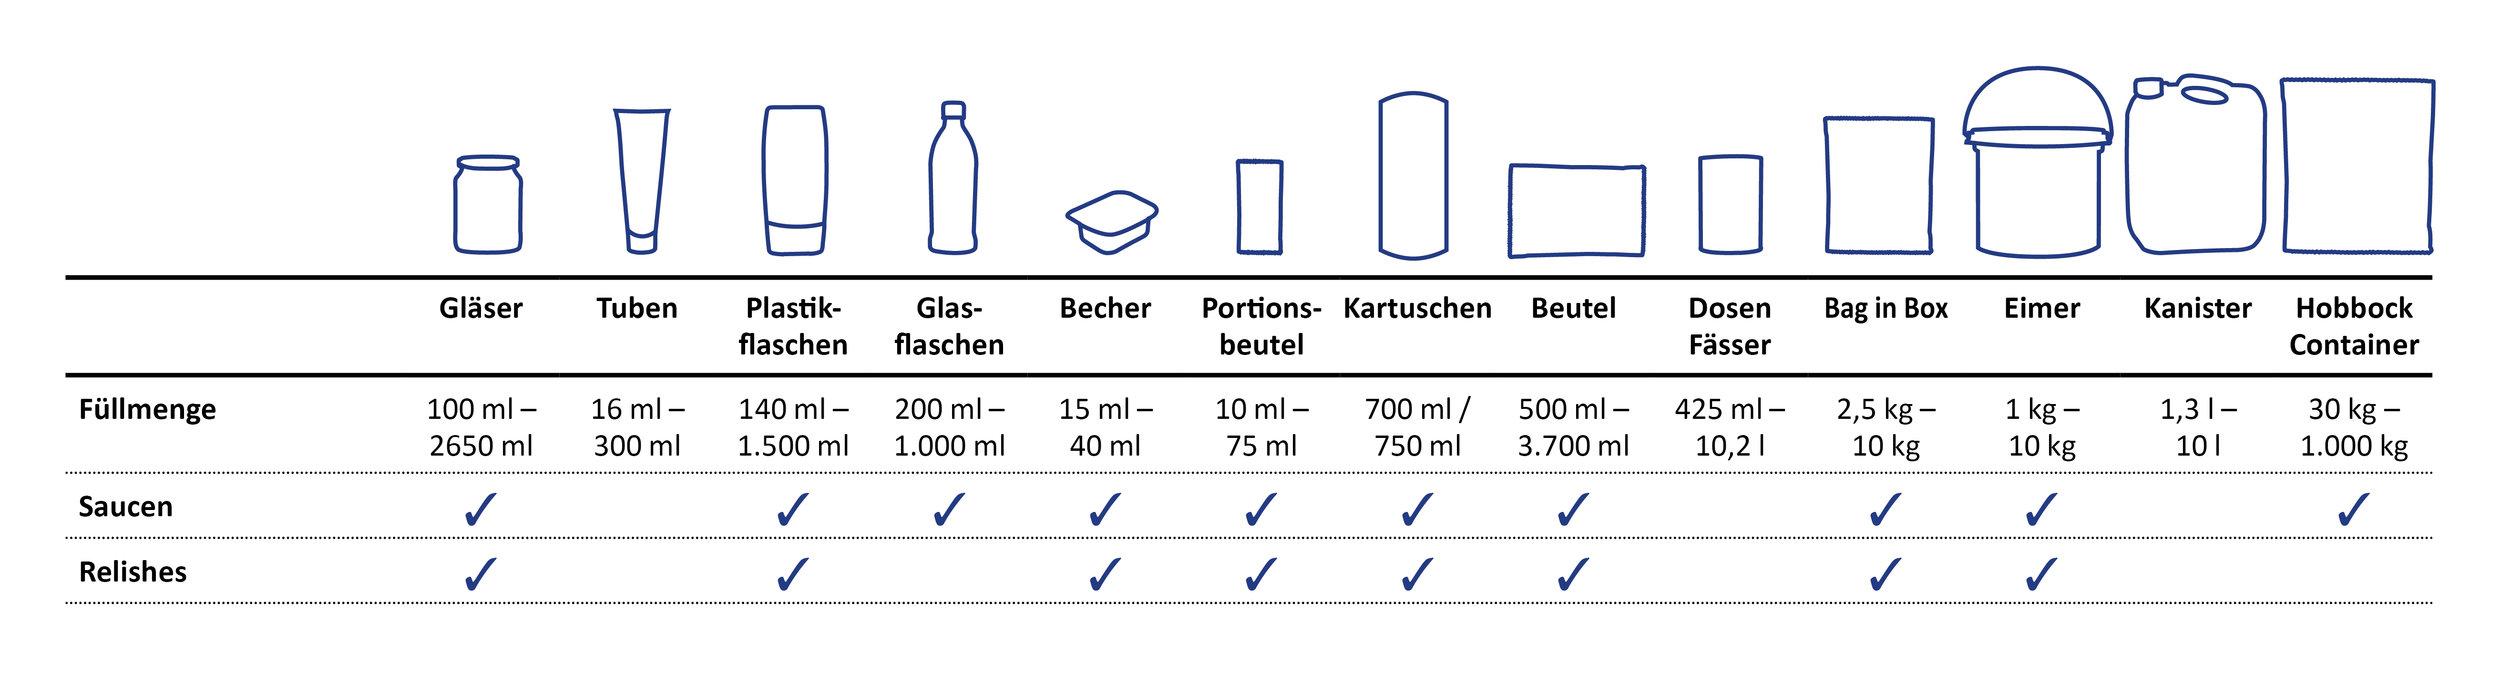 verpackungsuebersicht -sueko-saucen-und-relishes..jpg